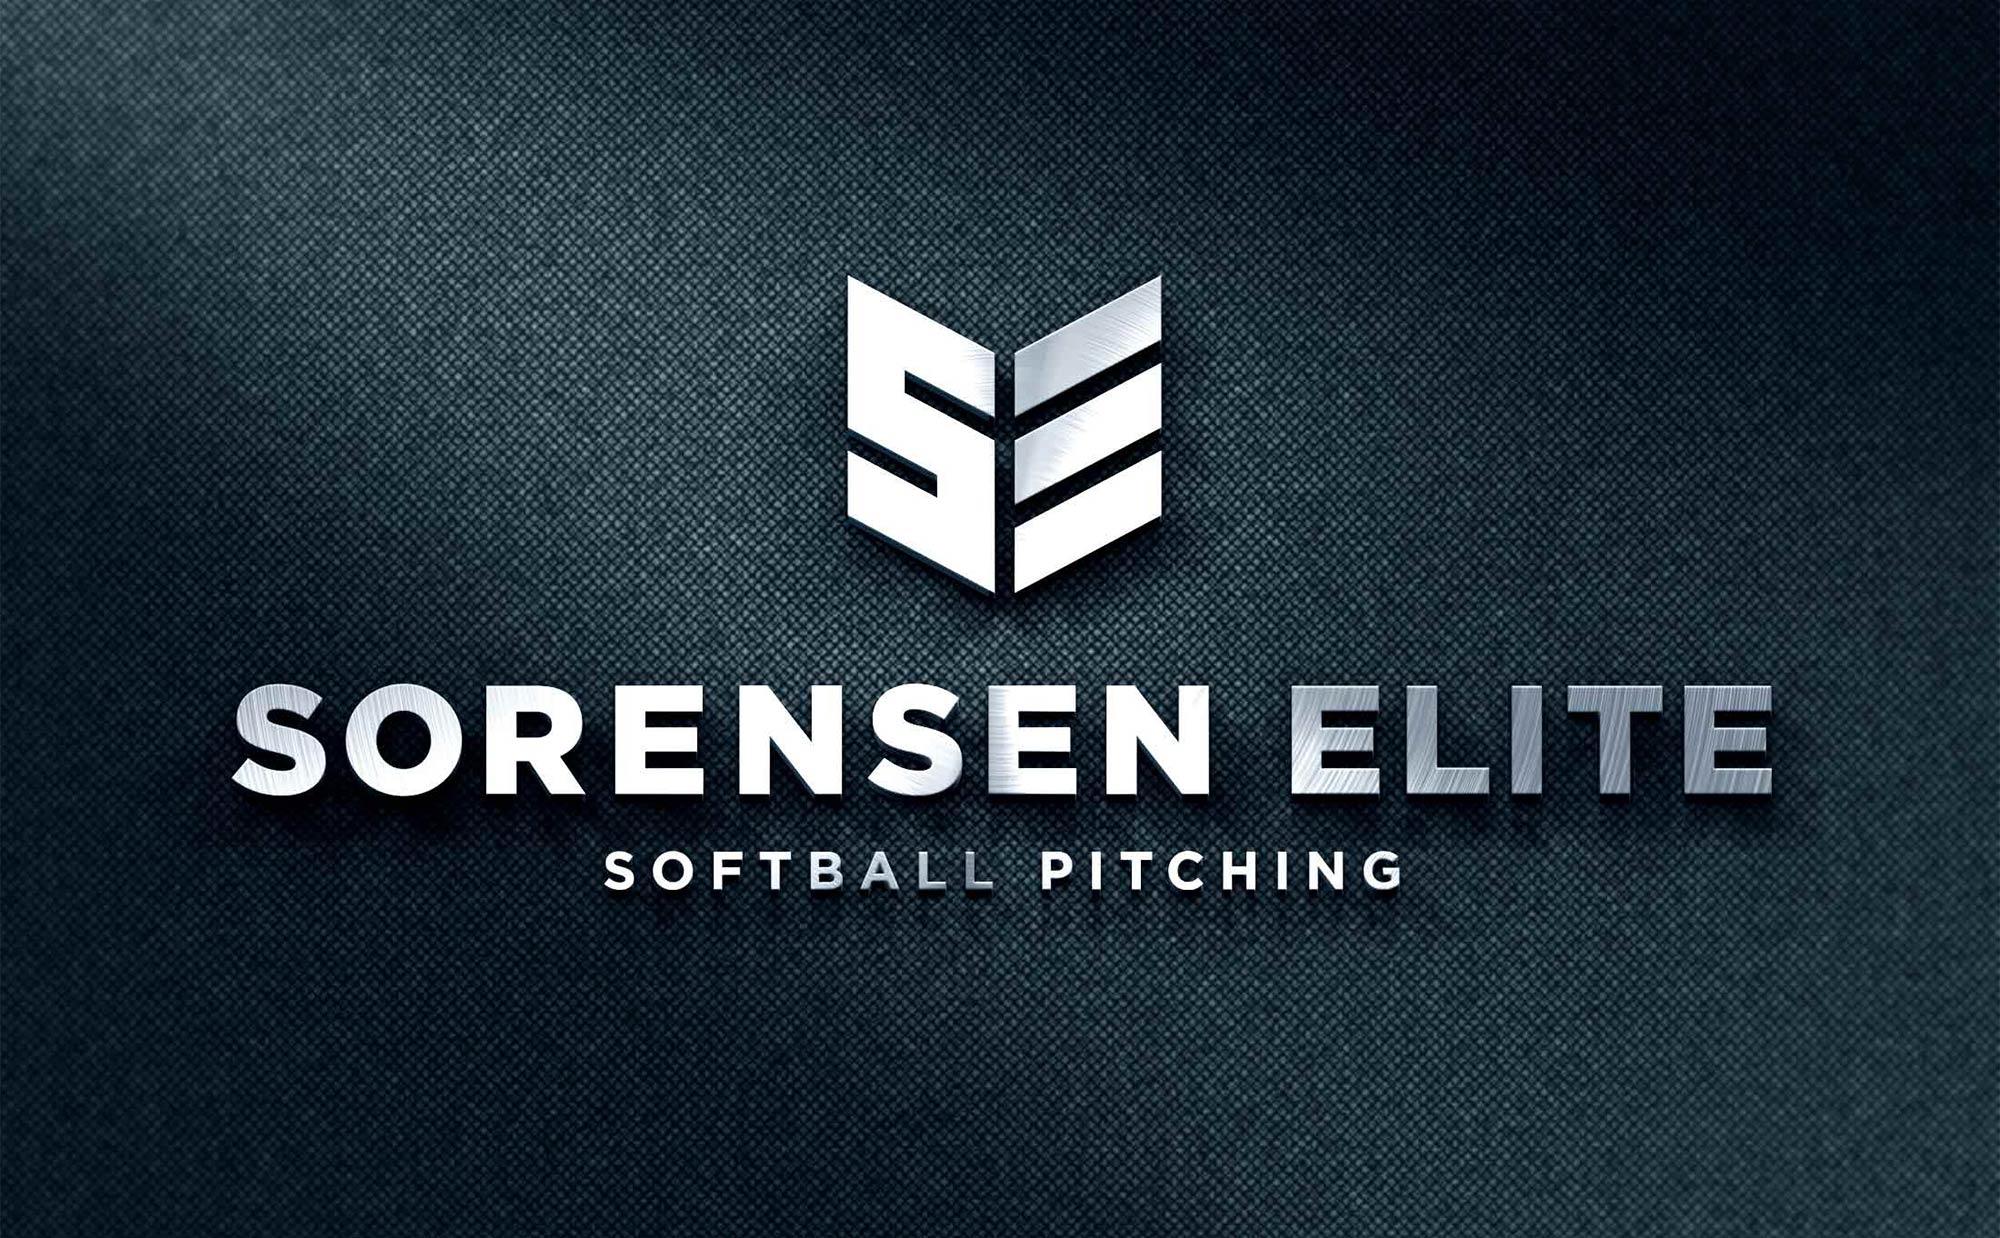 Sorensen Elite Softball Pitching Logo Design